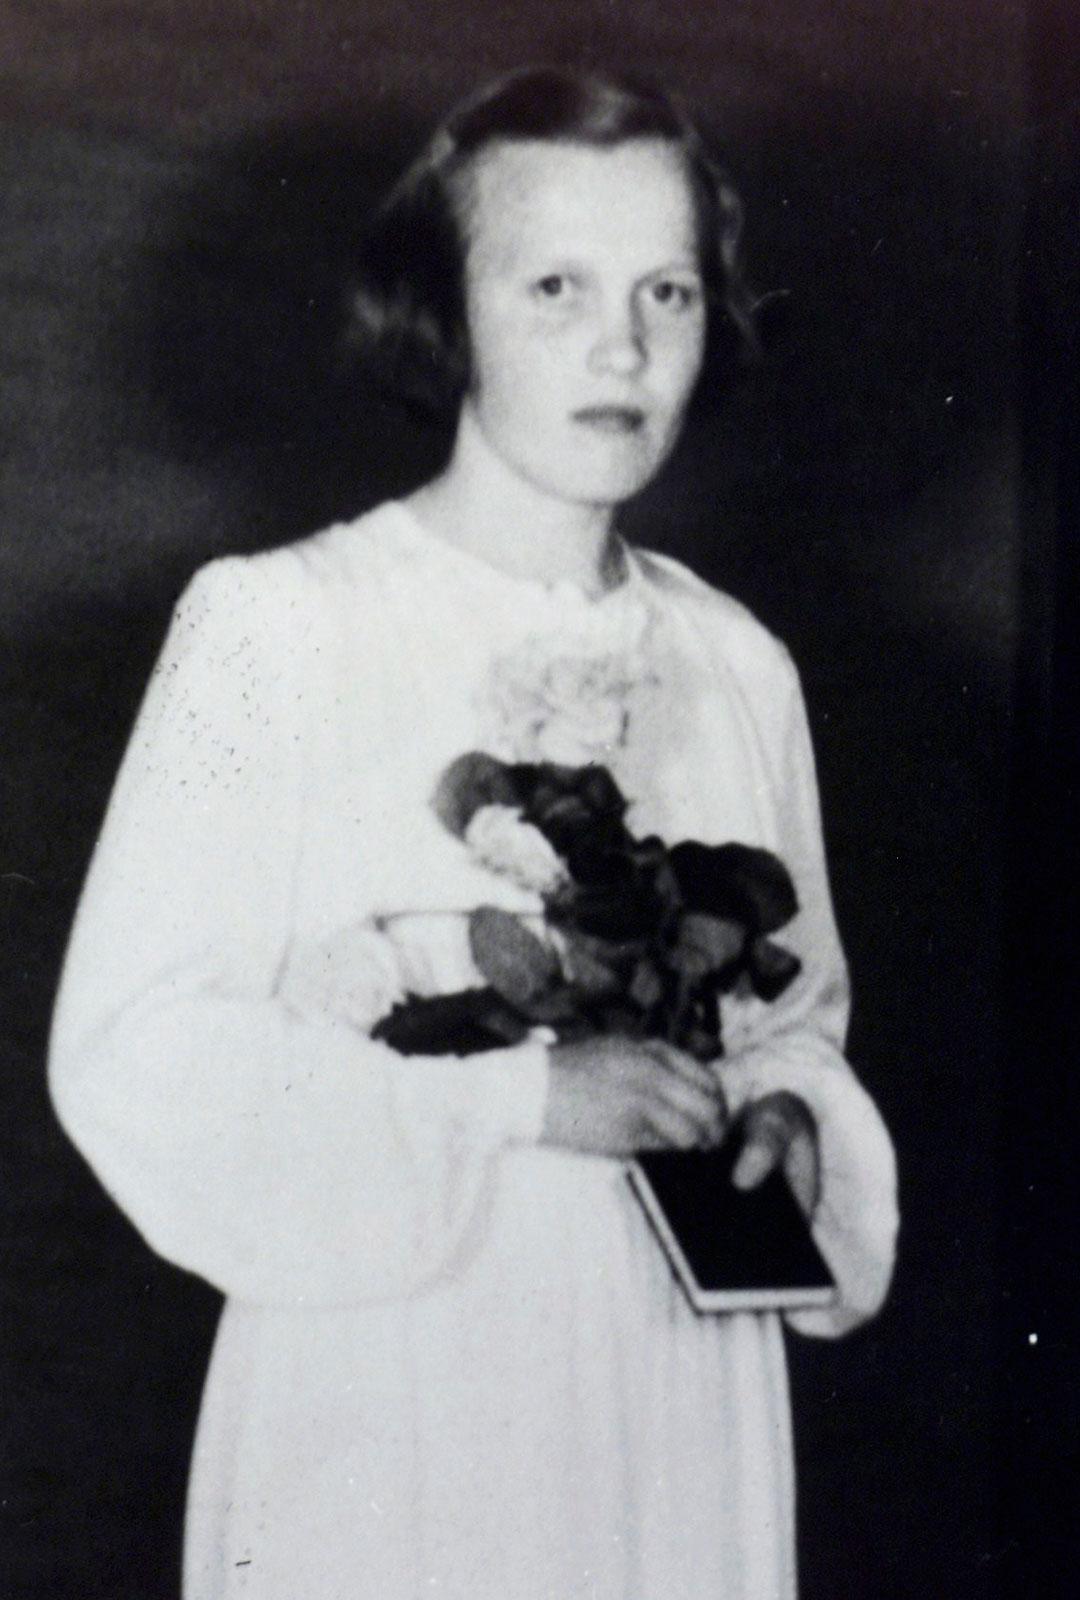 """Tämä kuva on monille suomalaisille tuttu. Kyllikki Saari oli hänet tunteneiden isojokisten mukaan """"rauhallinen likka""""."""